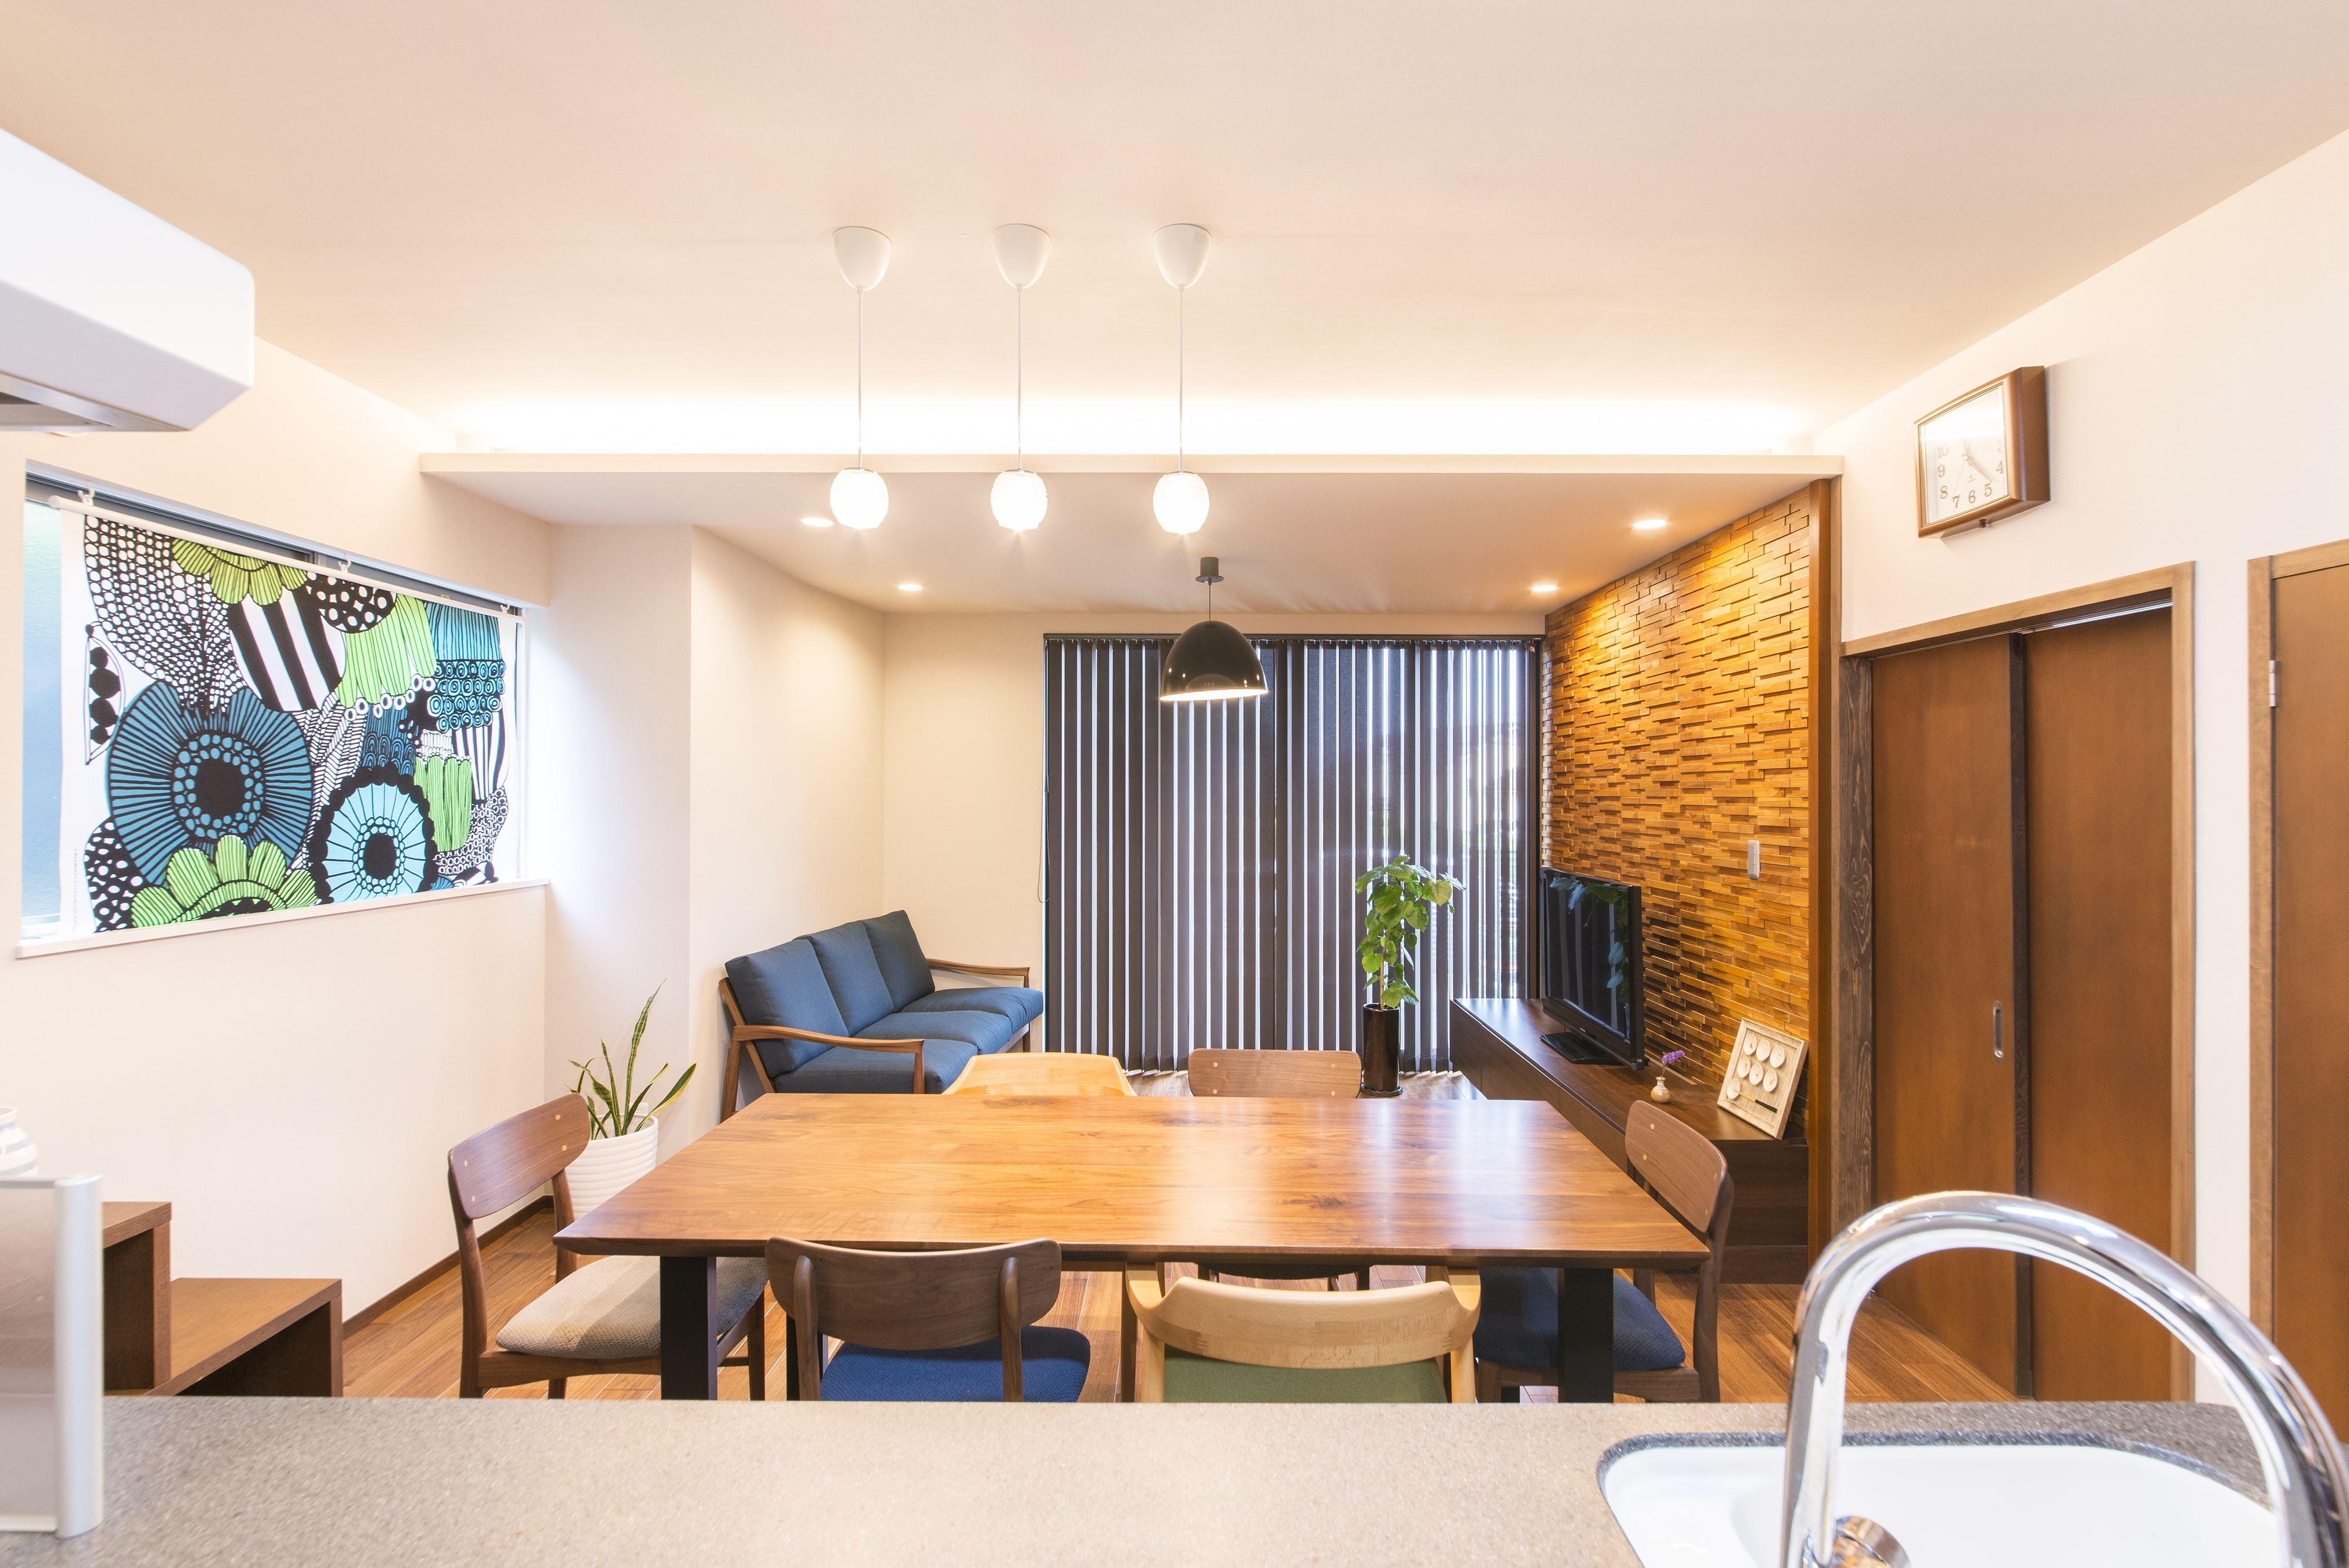 リビングダイニング事例:一部下がり天井にして間接照明を設置したリビング。(2階を増築して、デザイン性の高い上下分離型の二世帯住宅にリフォーム。)